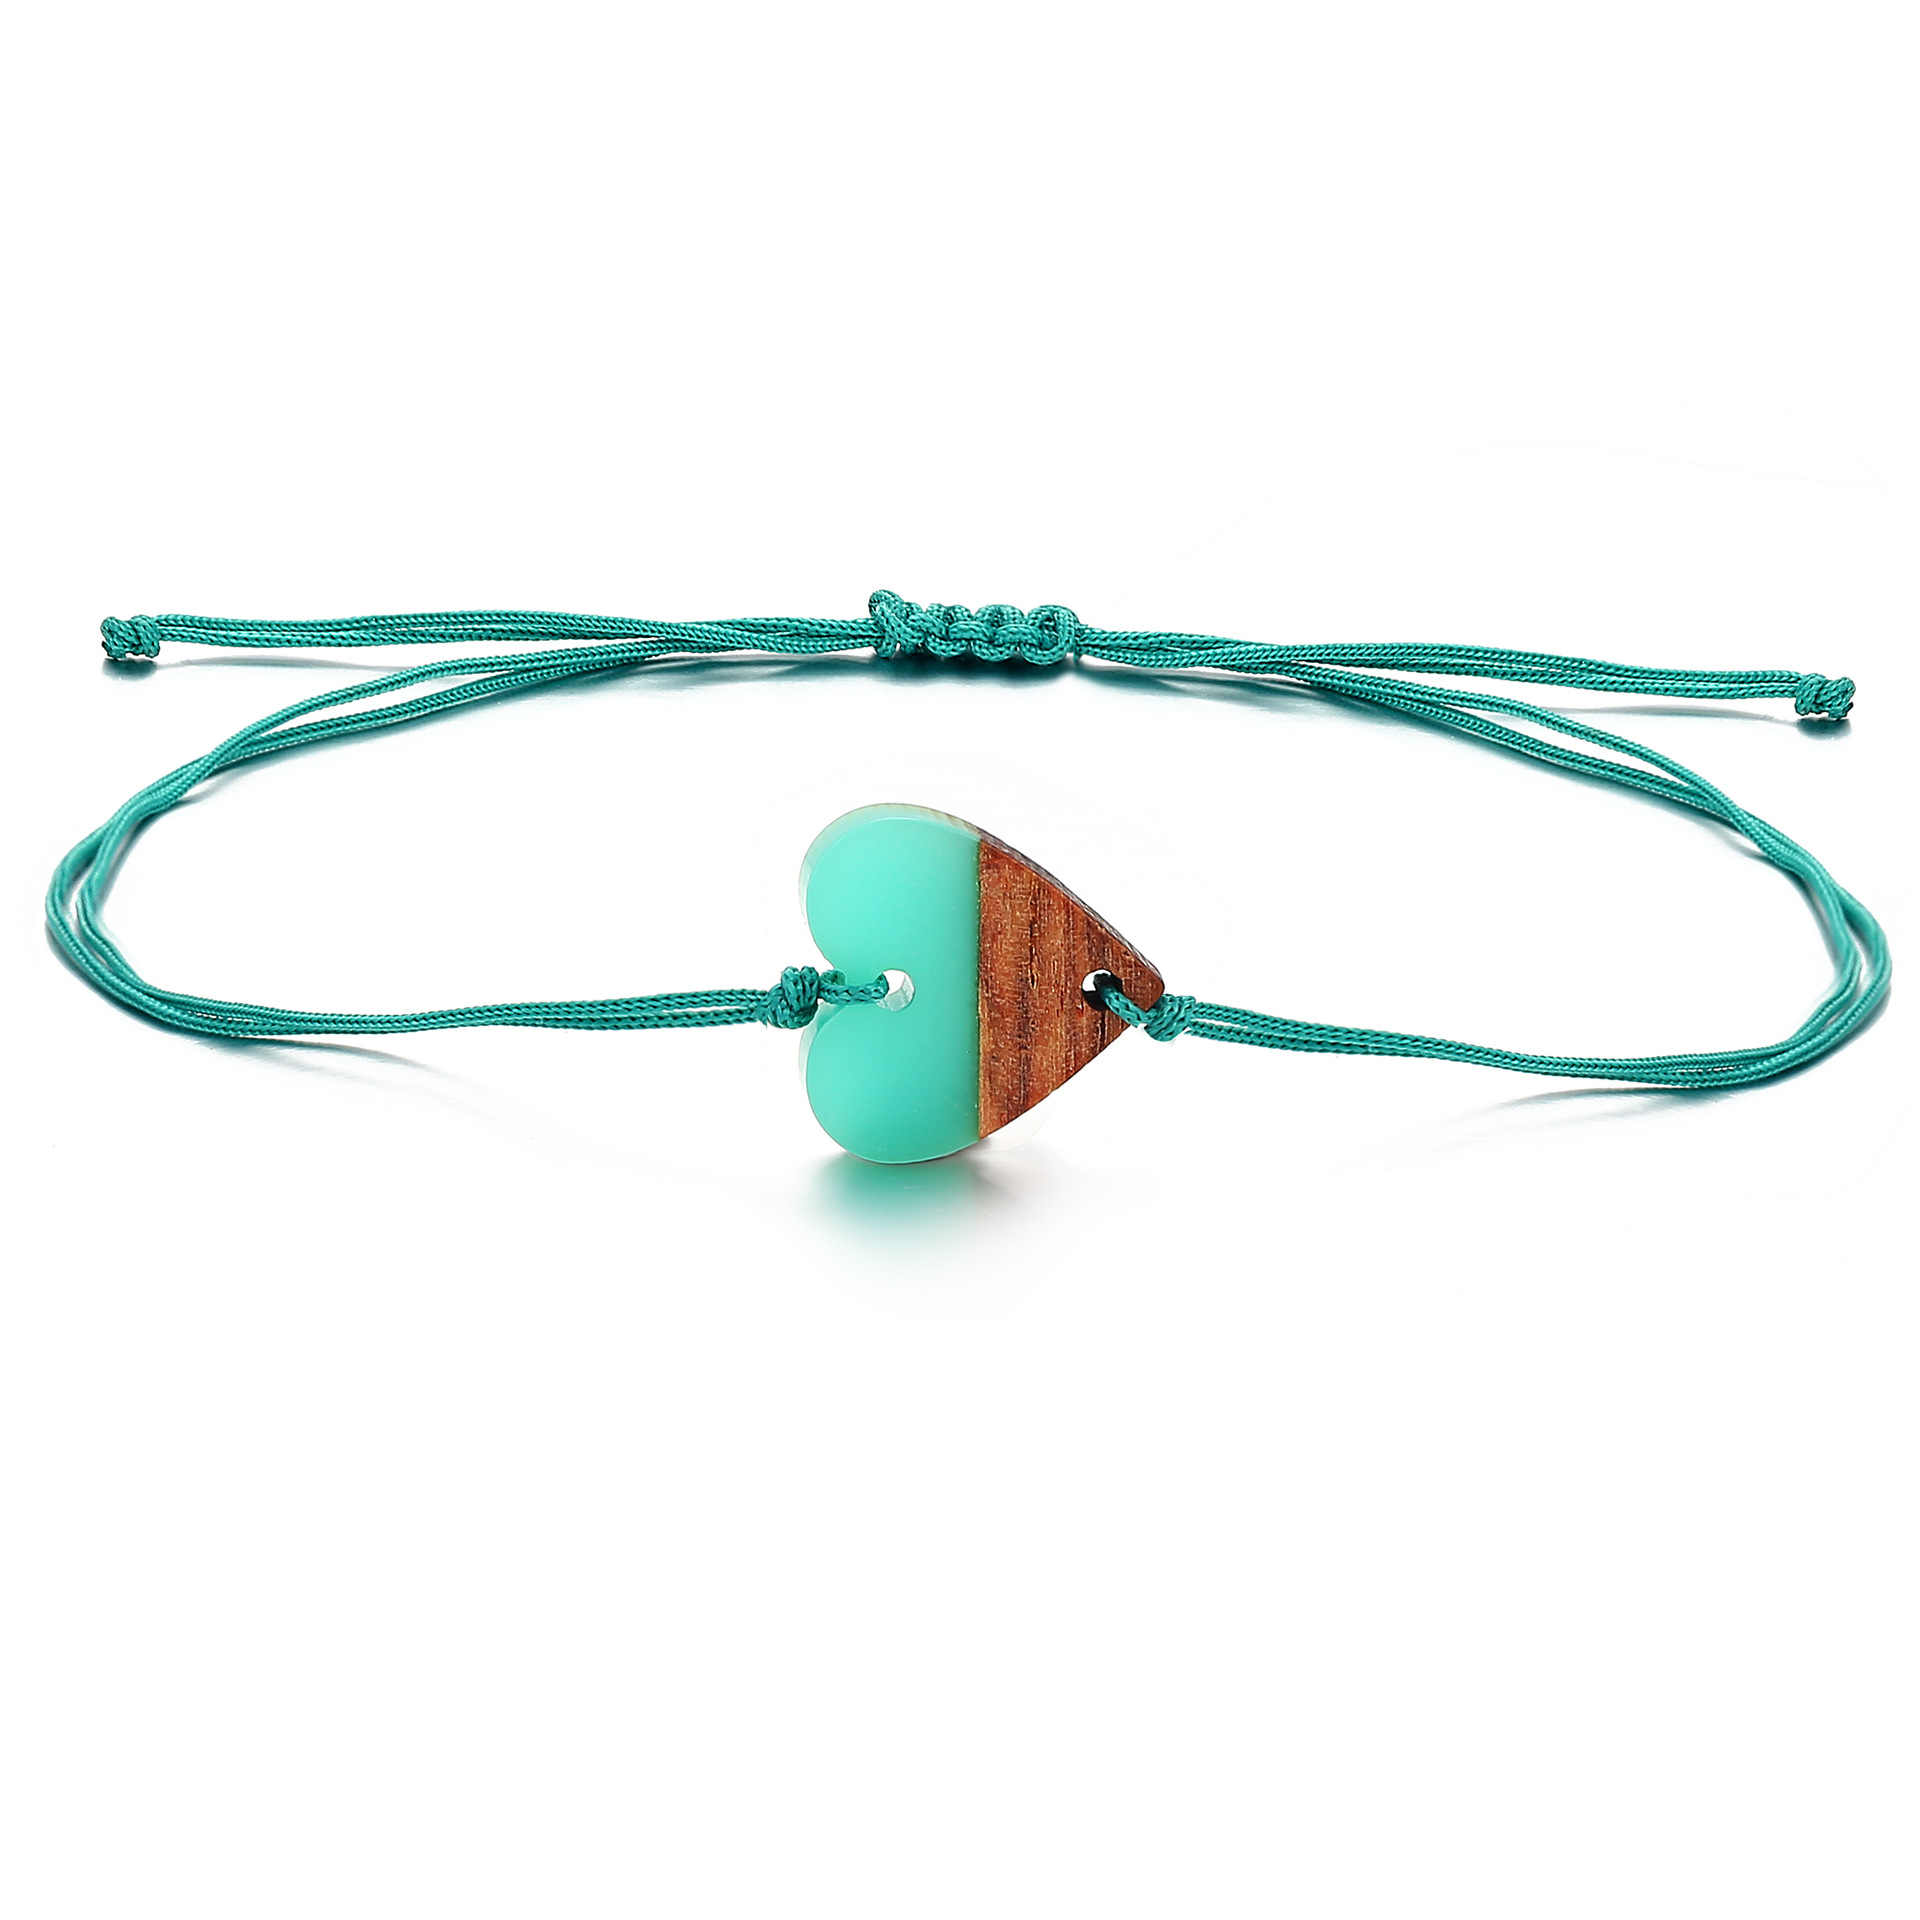 8 ESTAÇÕES Bohemian Coração Casal Pulseiras Para Mulheres Homens Jóias Corda Trançada Push-pull Charm Bracelet Melhor Presente Amizade, 1 PC